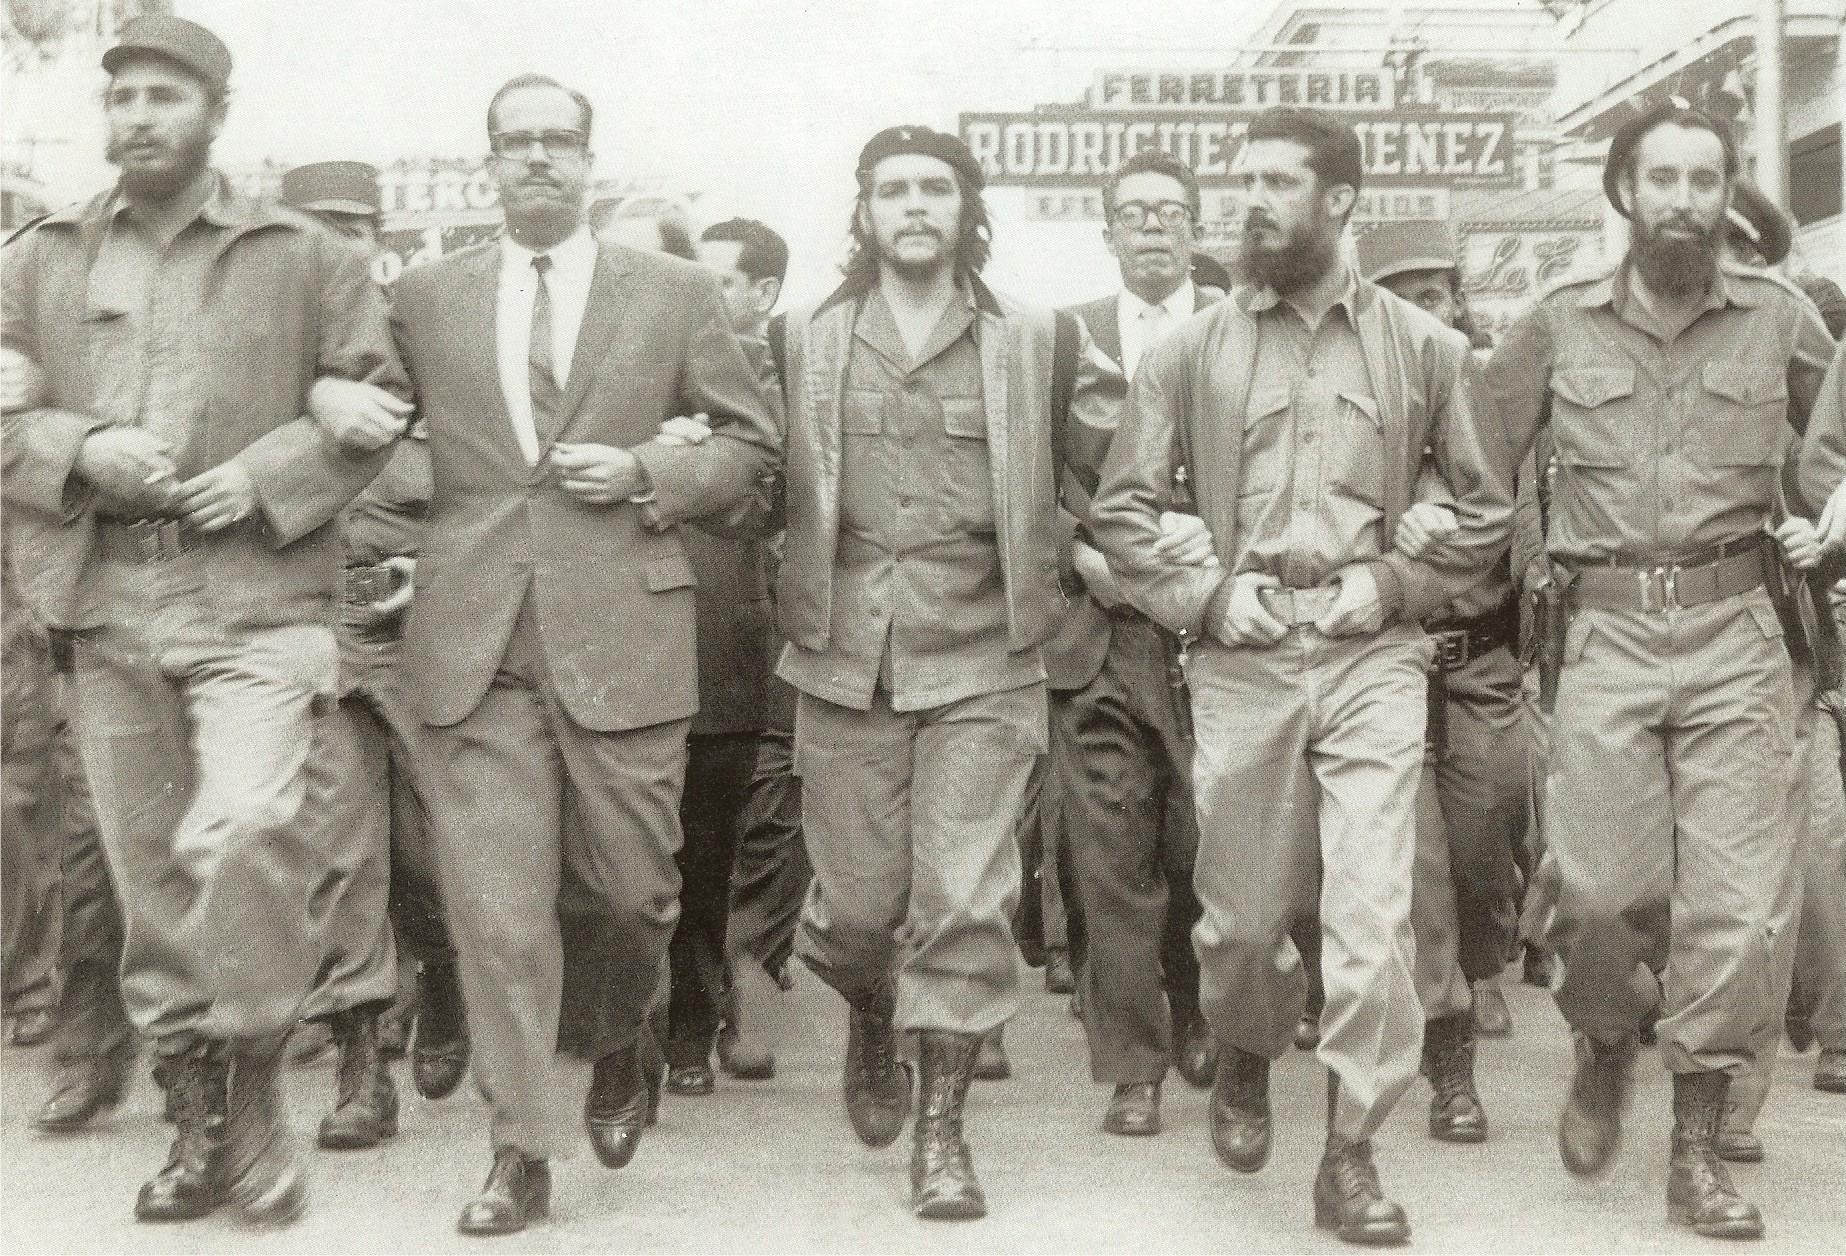 Fidel Castro, la revolución de los barbudos